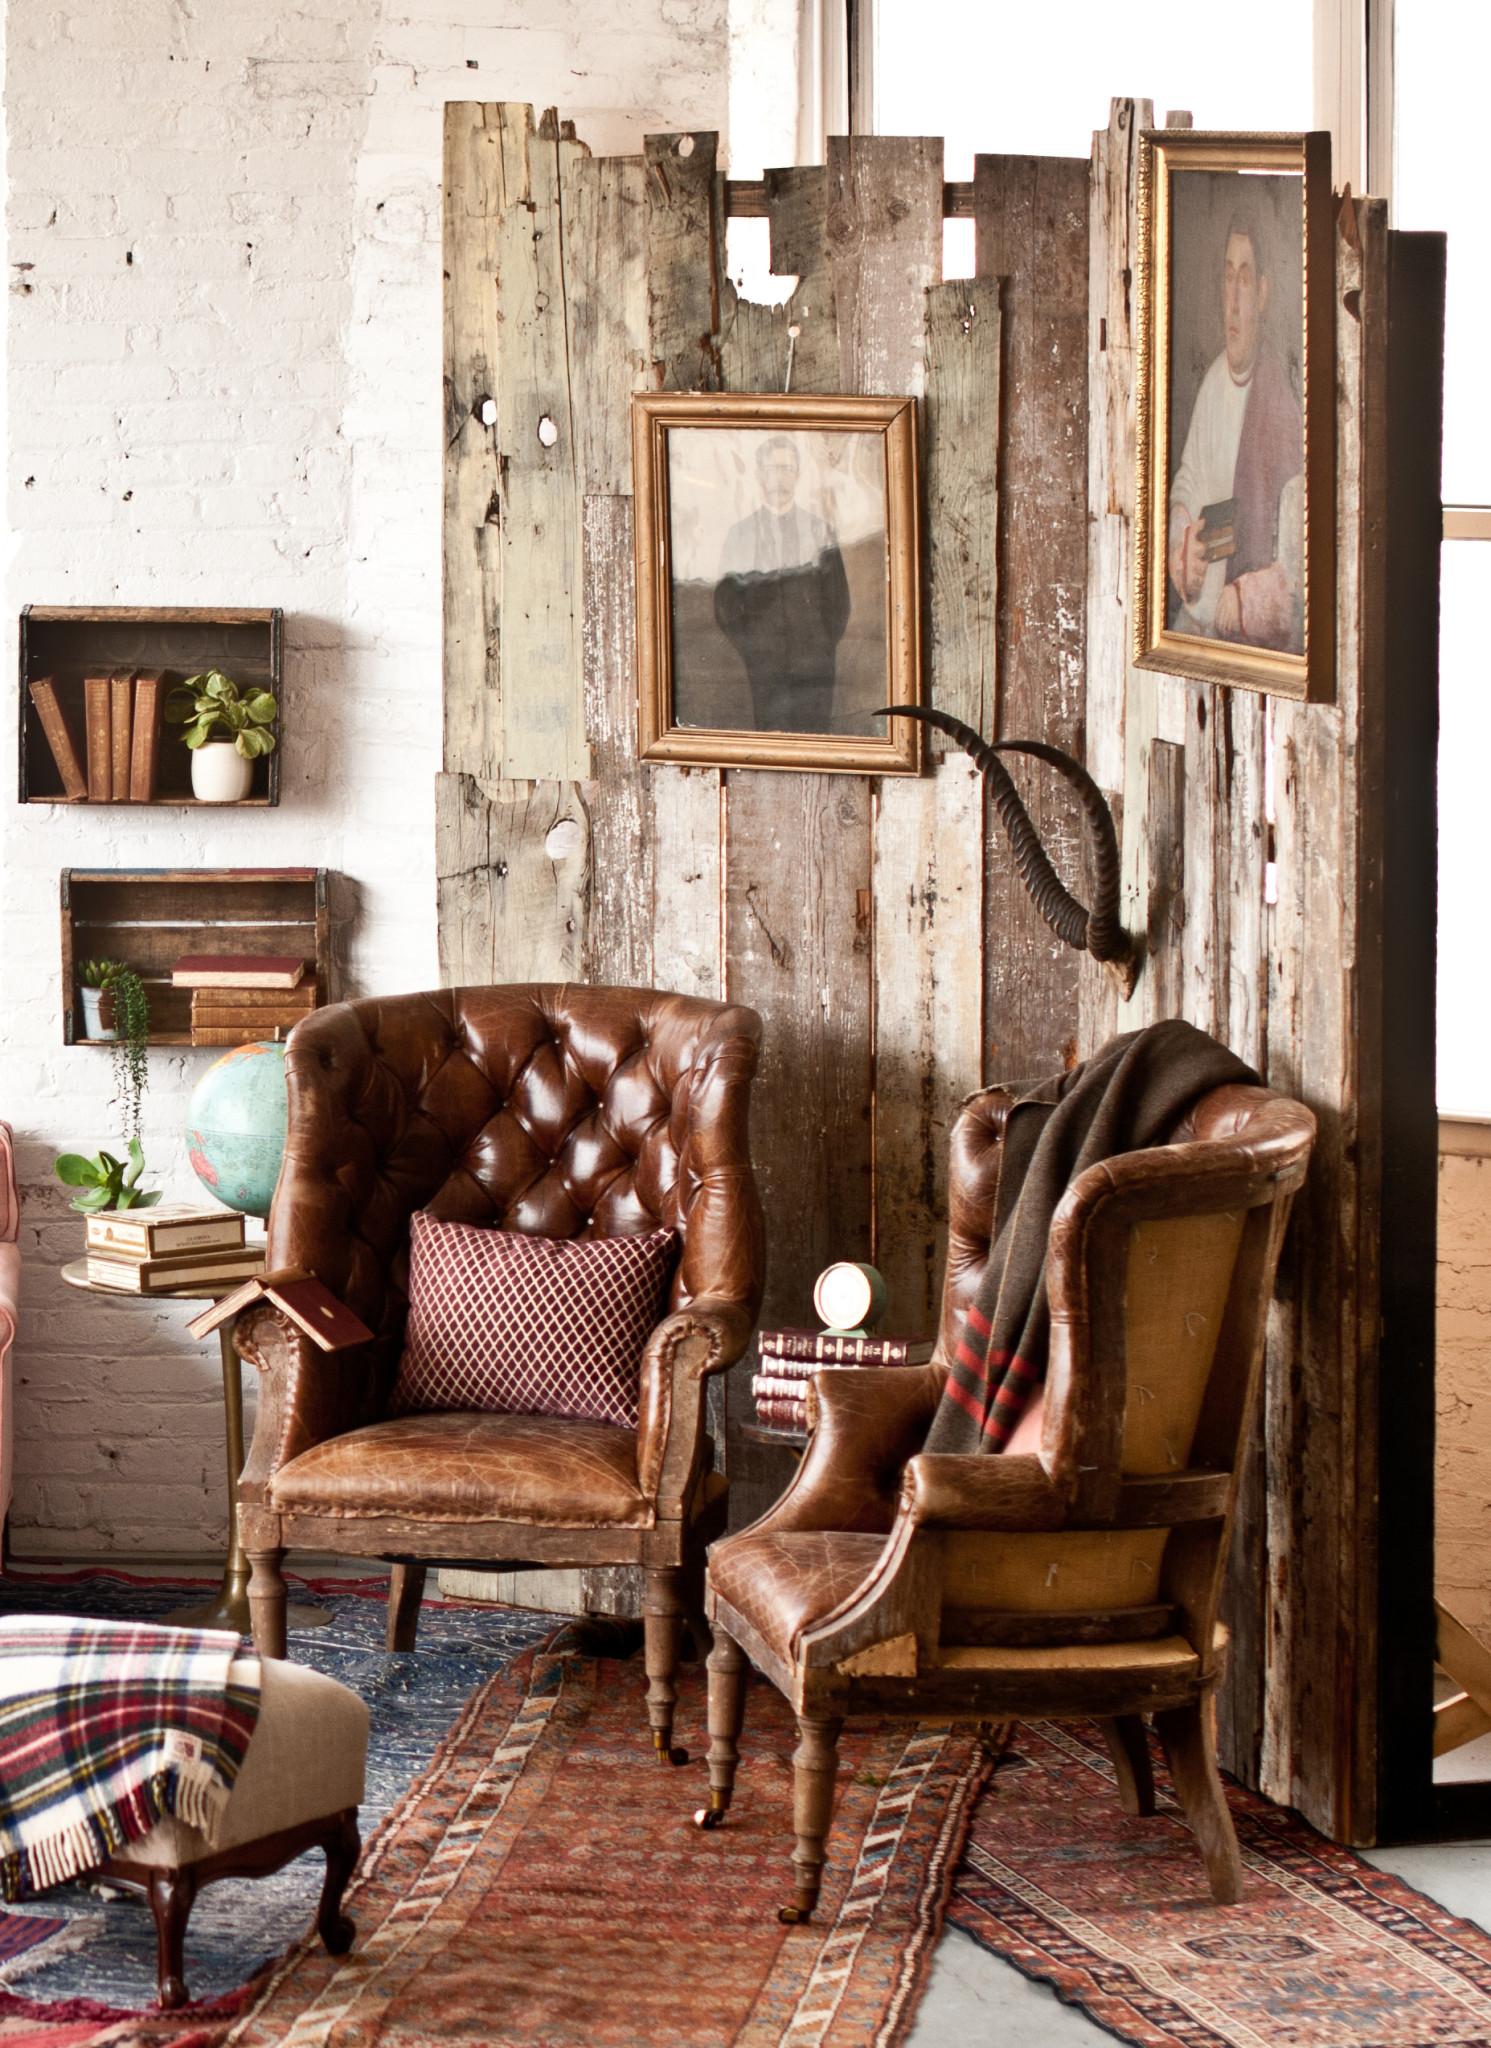 covering barn bedroom board wood walls wall tobacco grey pin master interior